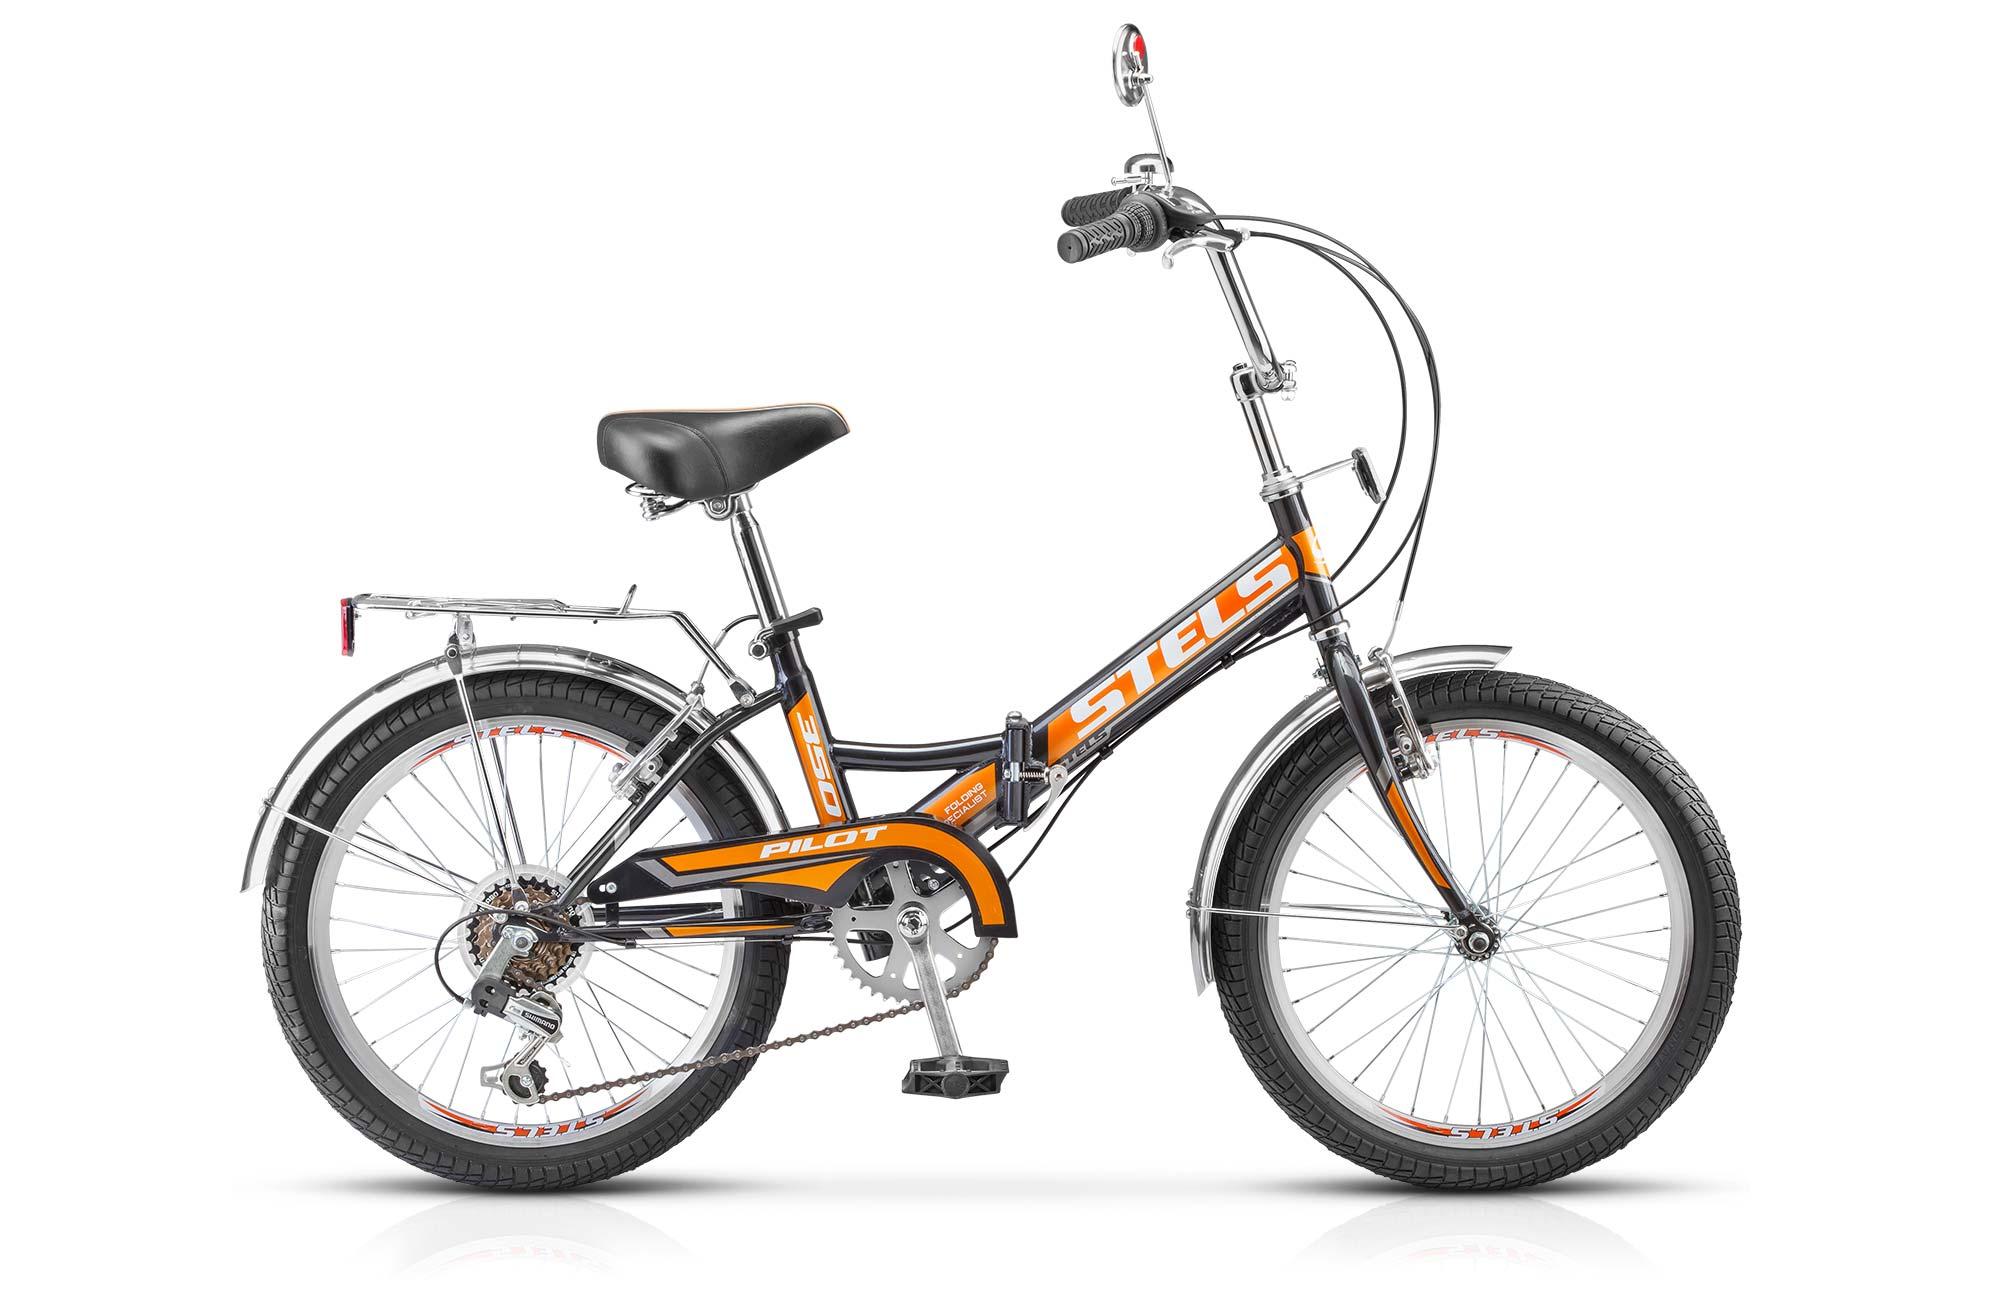 Велосипед Stels Pilot 350 20 (2017) черно-оранжевый 13ГОРОДСКИЕ СКЛАДНЫЕ<br>Складной эконом велосипед Stels Pilot 350 оснащен стальной рамой. Установлены жесткая стальная вилка, а также начальное оборудование. Stels Pilot 350 имеет складную конструкцию для удобства хранения и перевозки в транспорте.<br><br>бренд: STELS<br>год: 2017<br>рама: Сталь (Hi-Ten)<br>вилка: Жесткая (сталь)<br>блокировка амортизатора: None<br>диаметр колес: 20<br>тормоза: Ободные (V-brake)<br>уровень оборудования: Любительский<br>количество скоростей: 6<br>Цвет: черно-оранжевый<br>Размер: 13